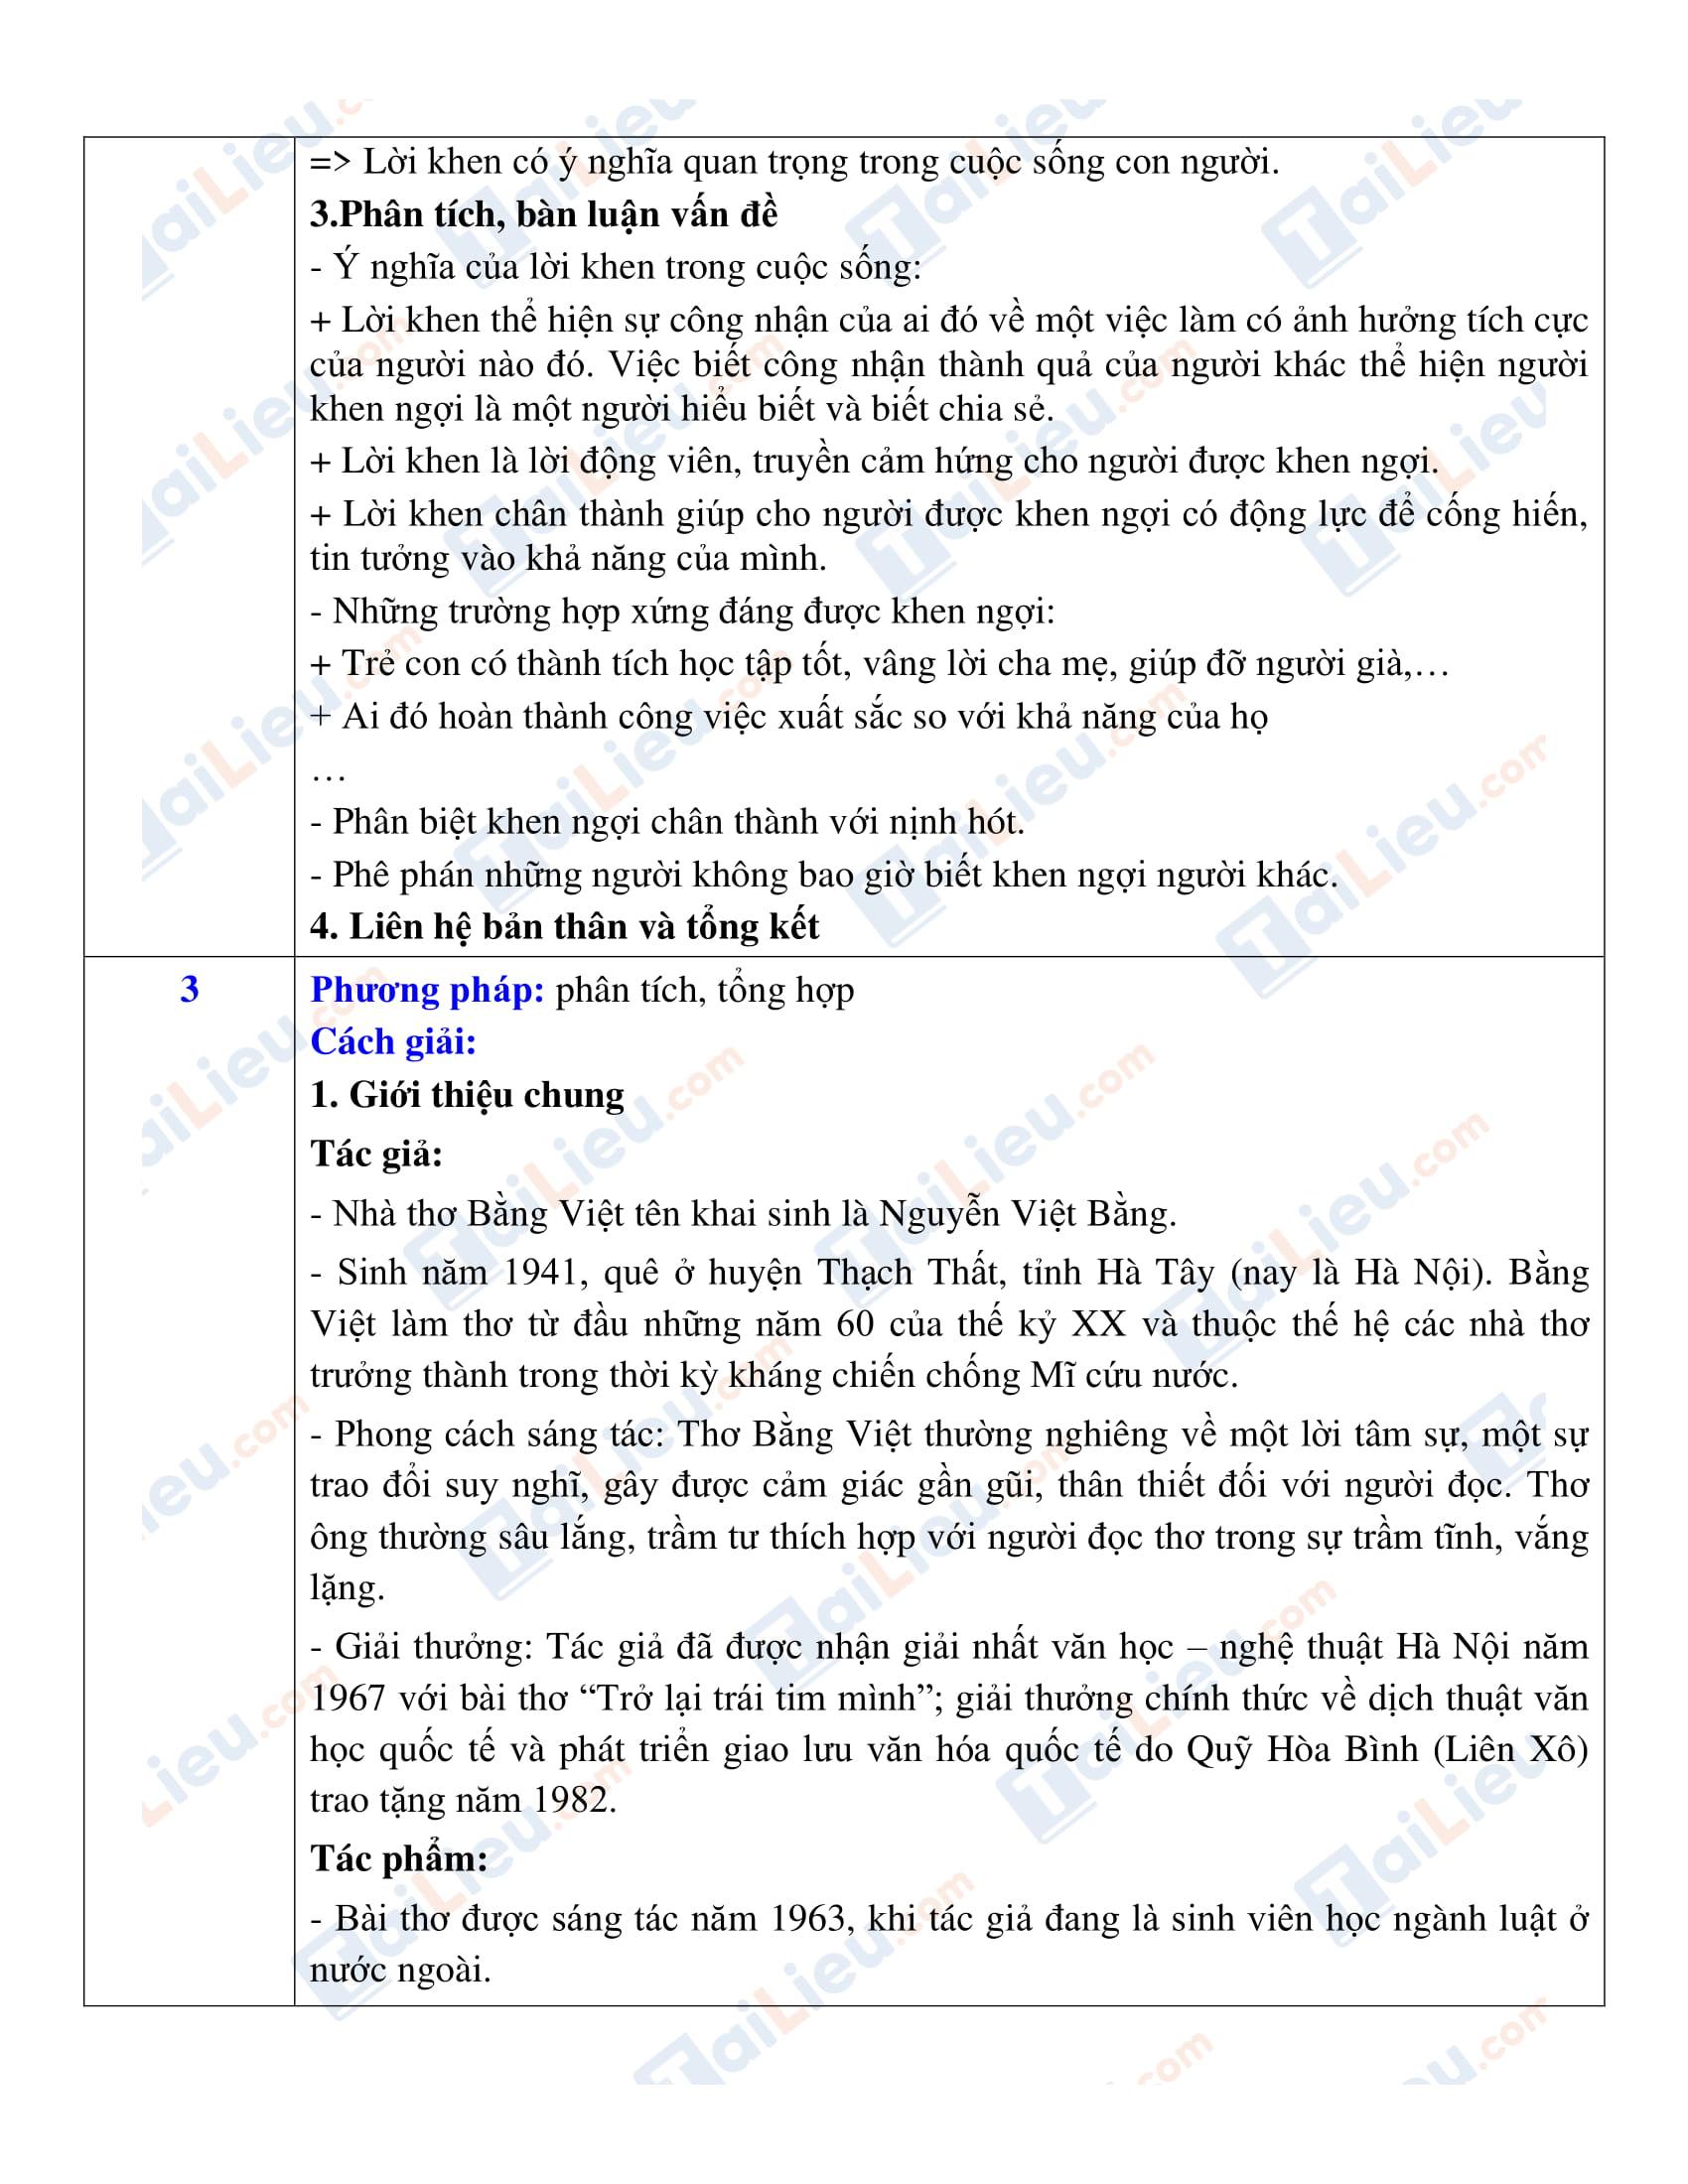 Đáp án tuyến sinh môn Văn lớp 10 năm 2020 tỉnh Đà Nẵng